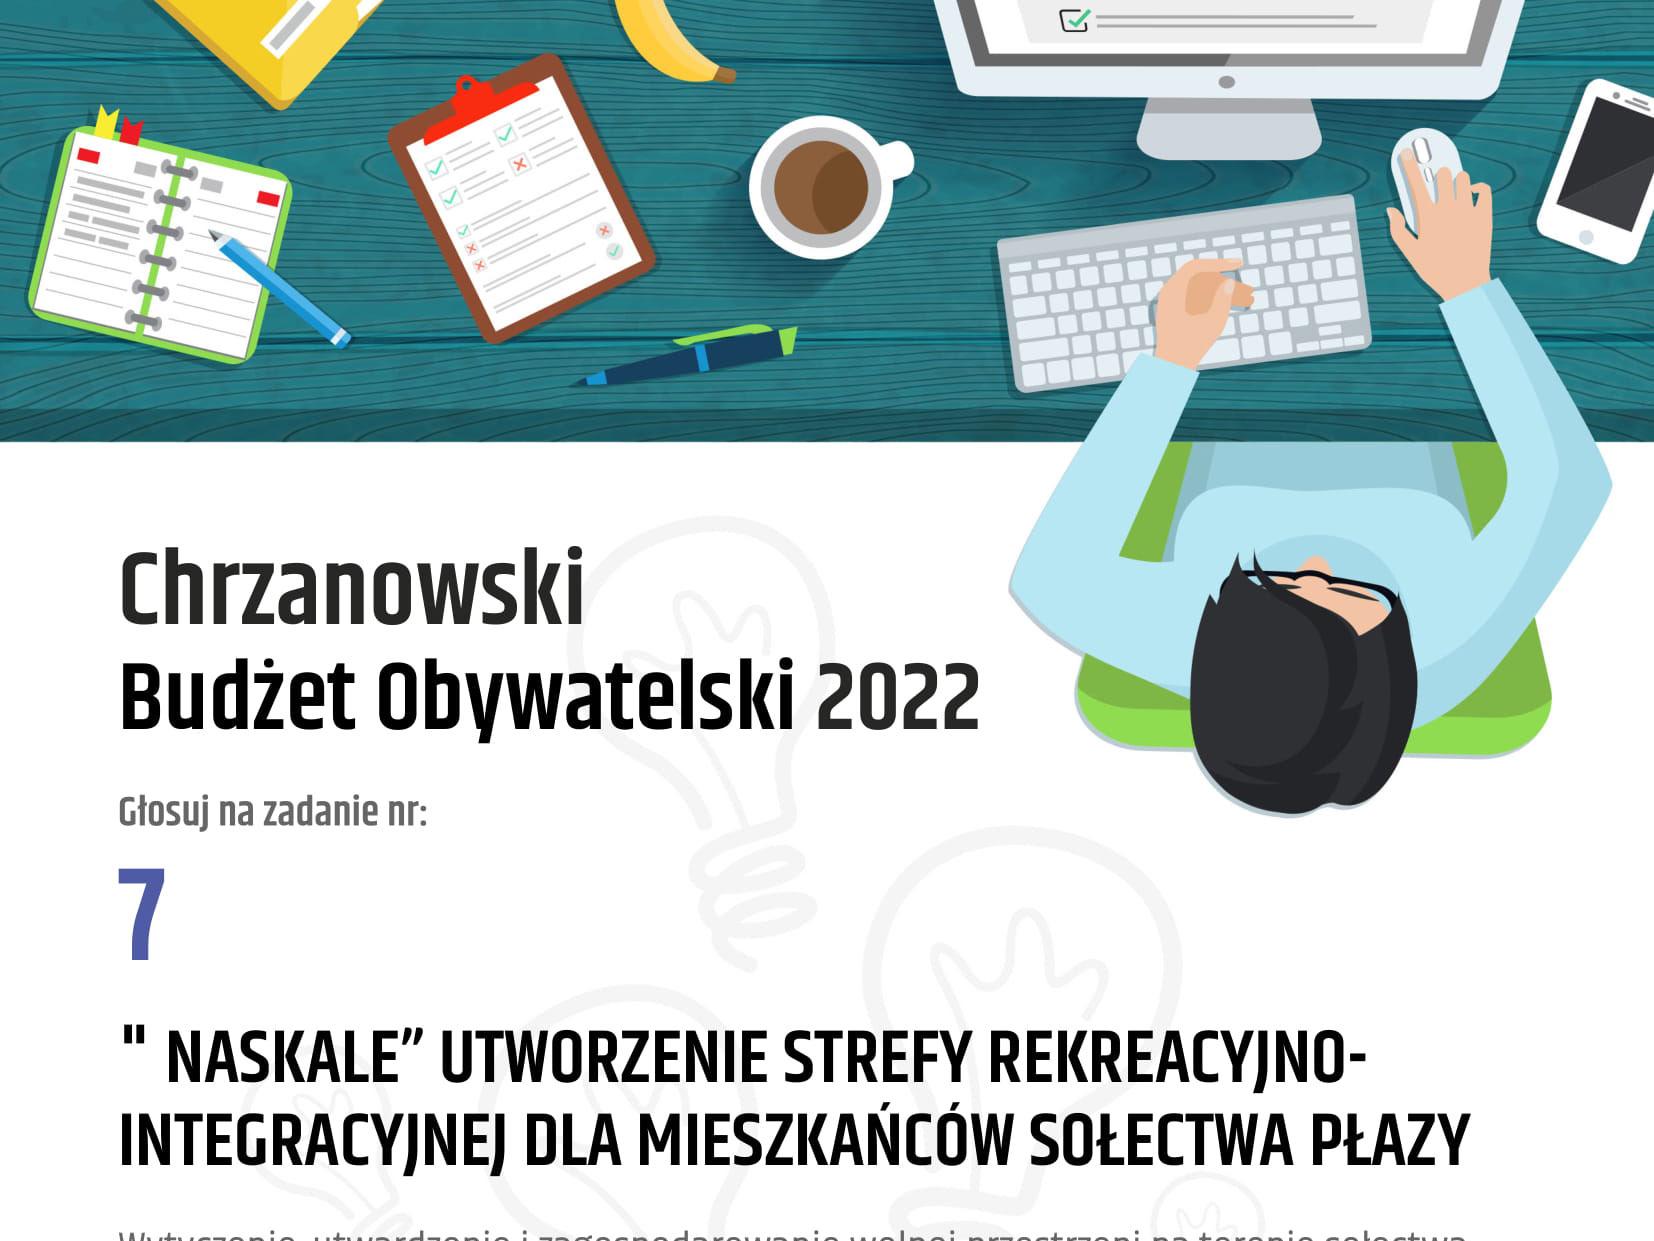 Chrzanowski Budżet Obywatelski 2022